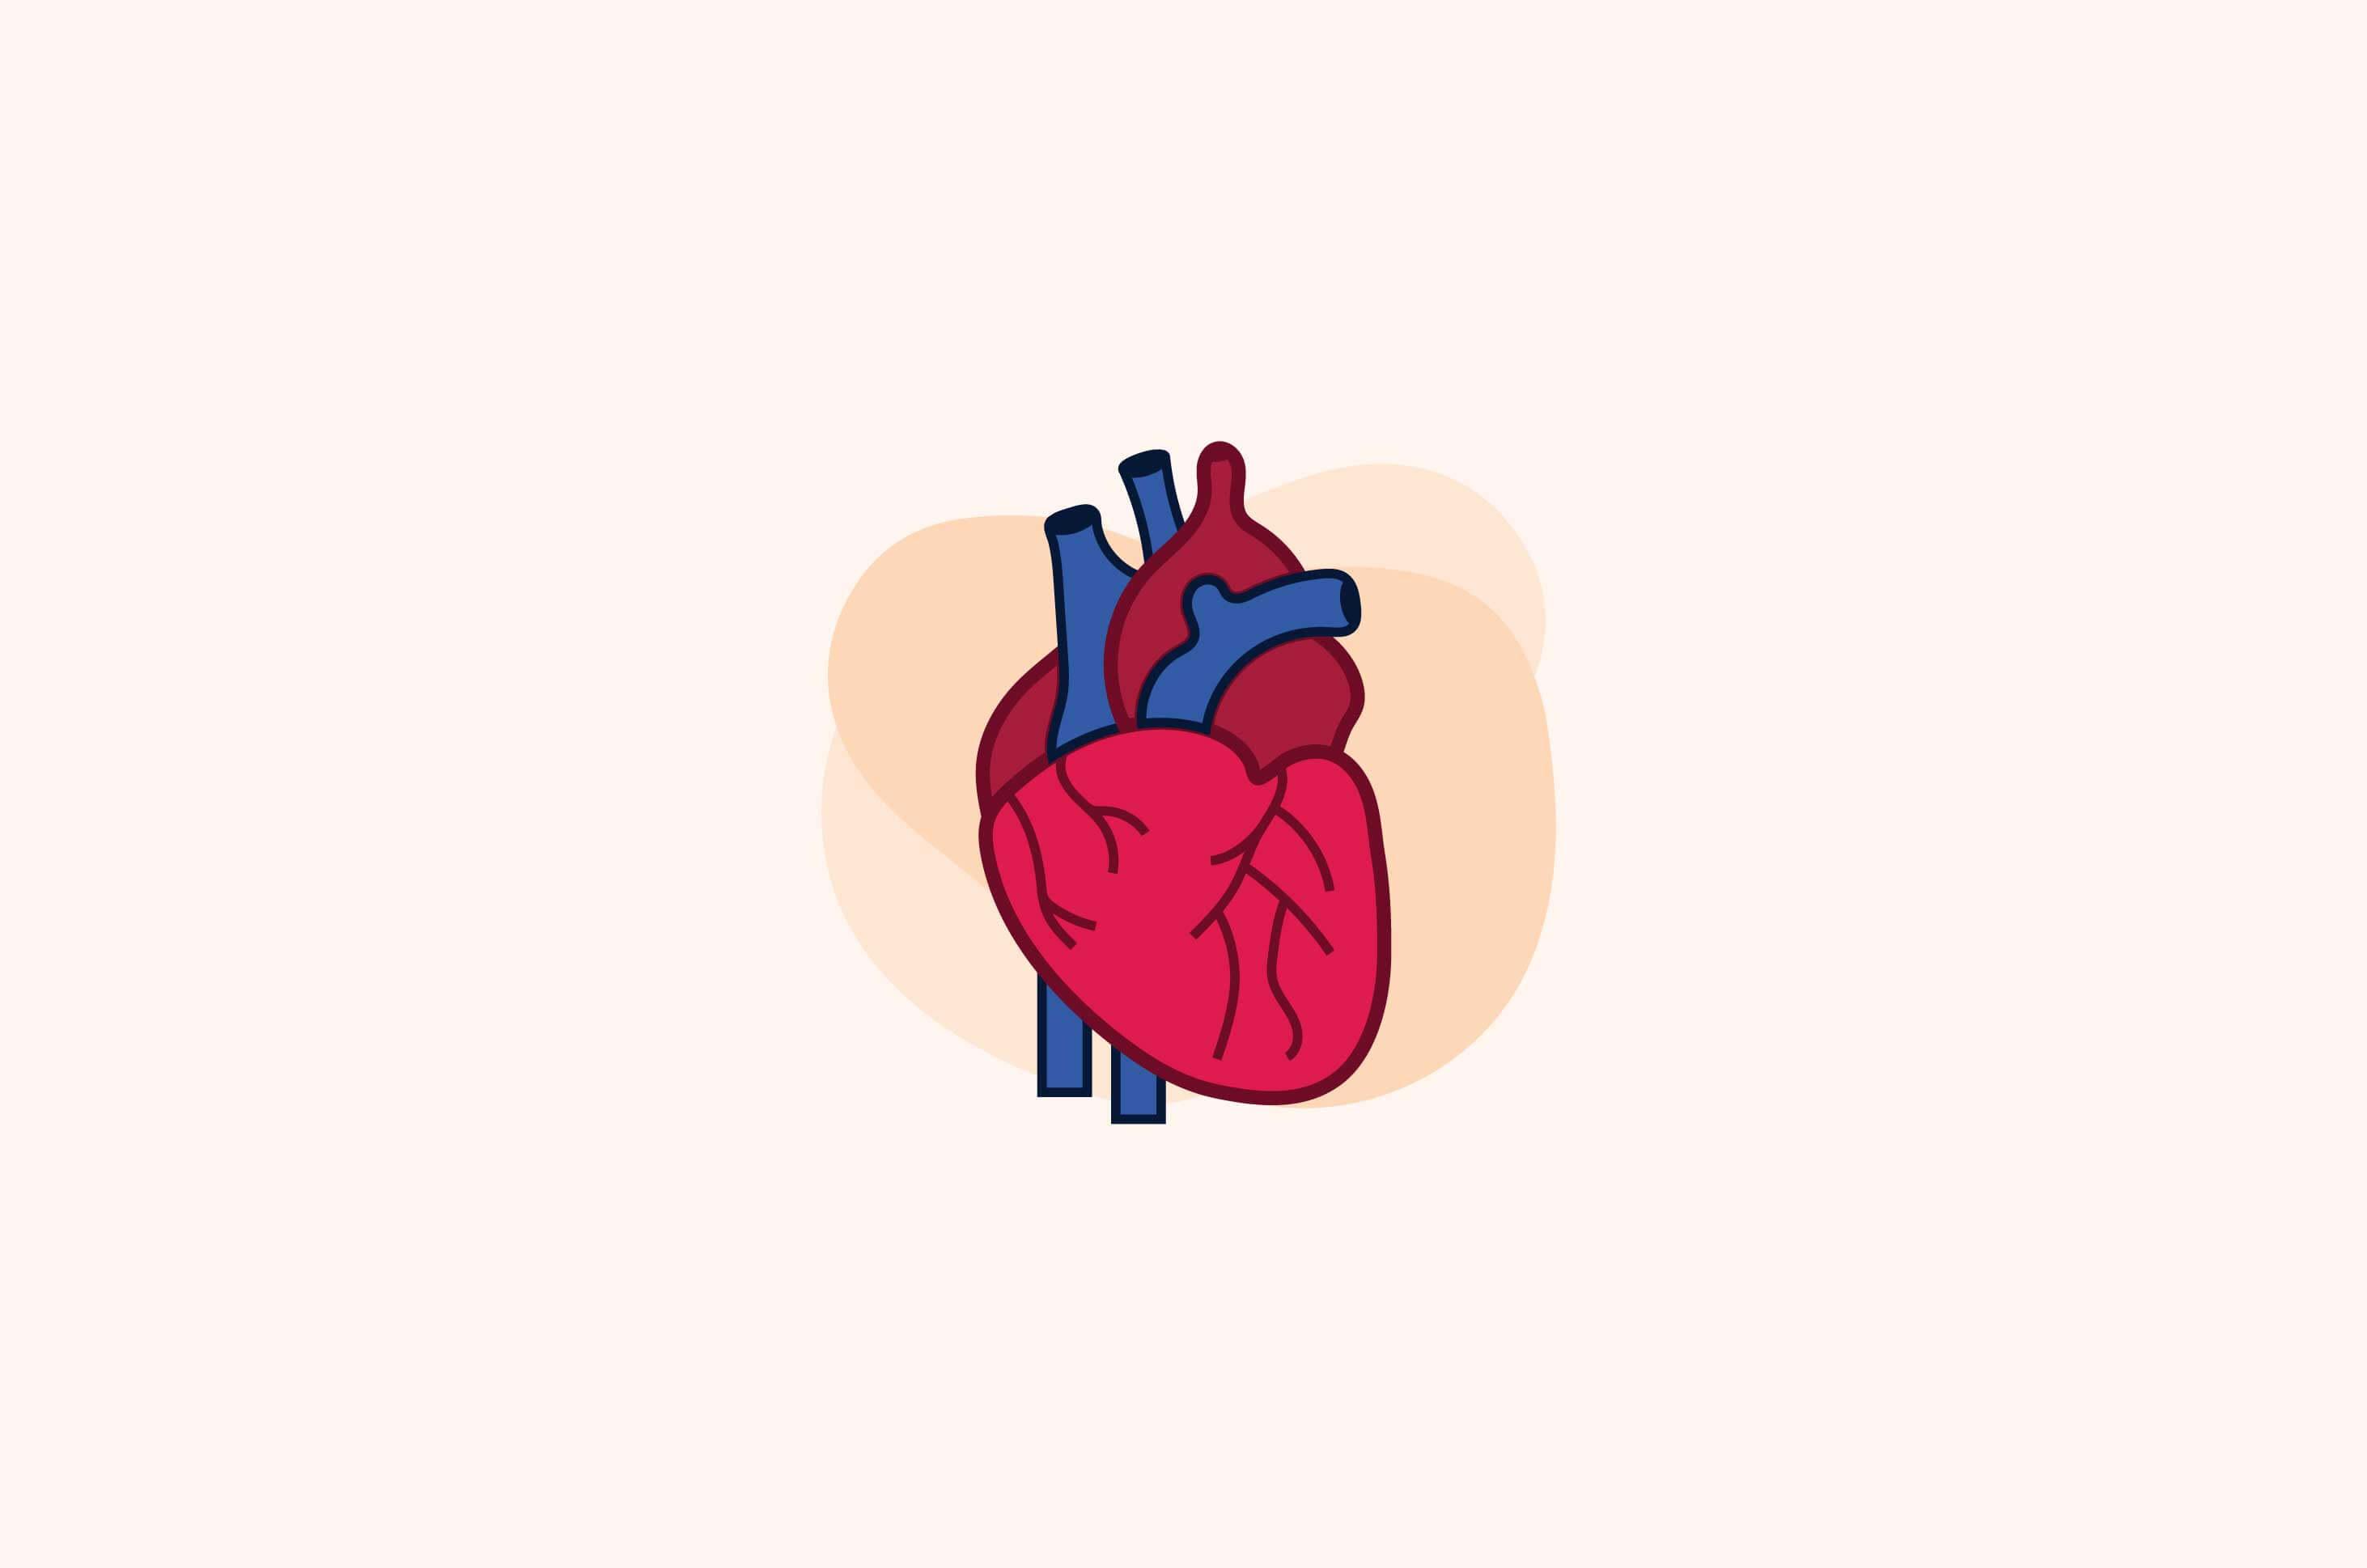 Ketahui 4 Komplikasi dari Kondisi Tamponade Jantung